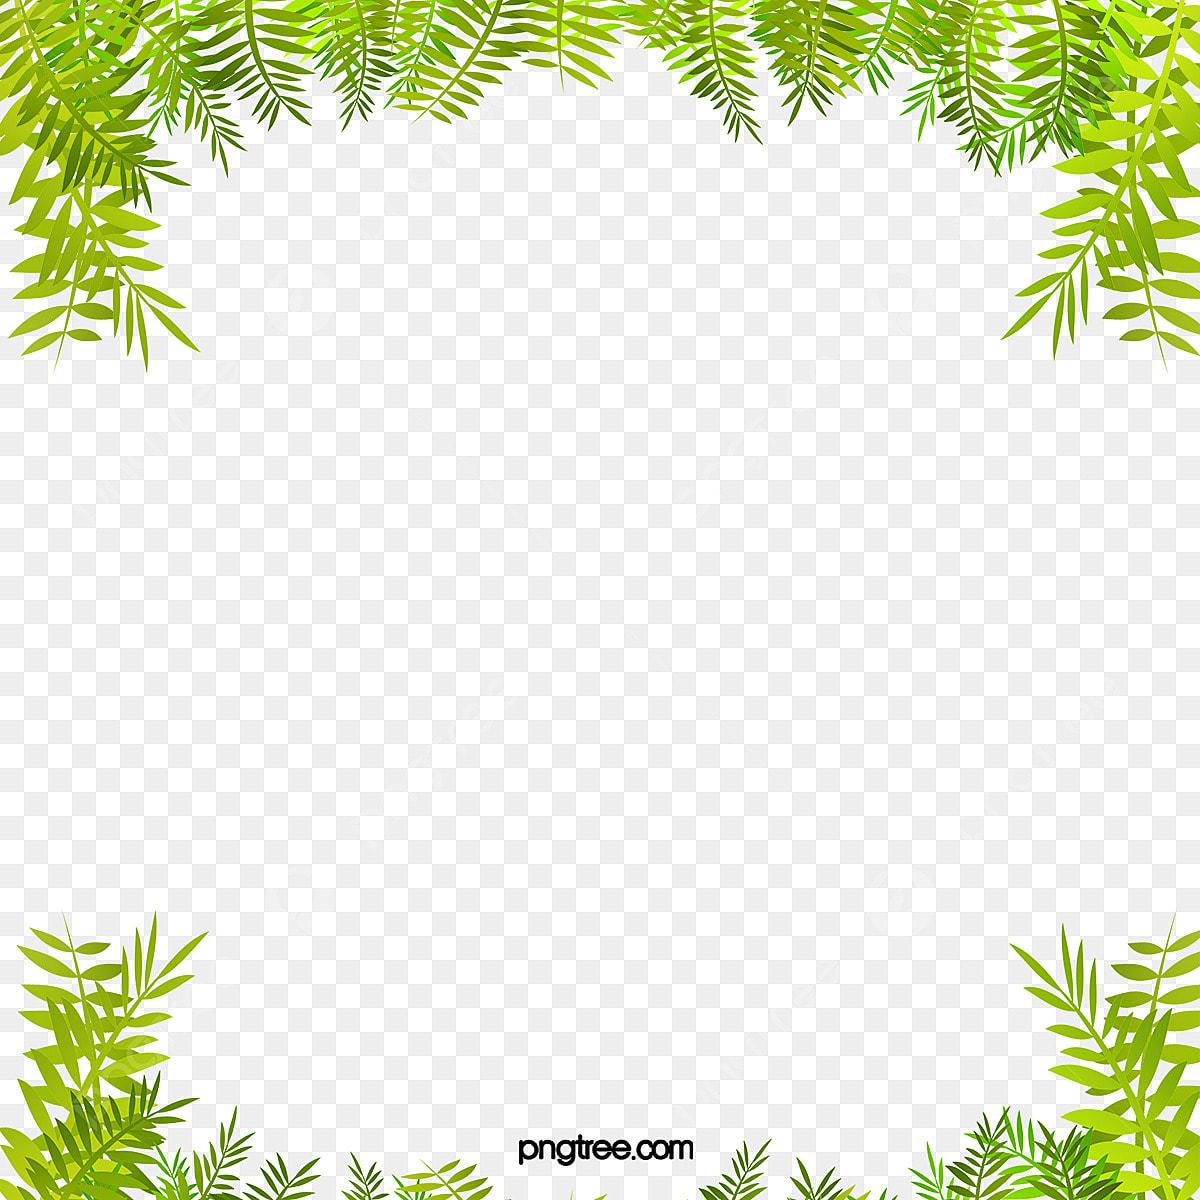 الإطار الأخضر الإطار أخضر نجيل Png وملف Psd للتحميل مجانا